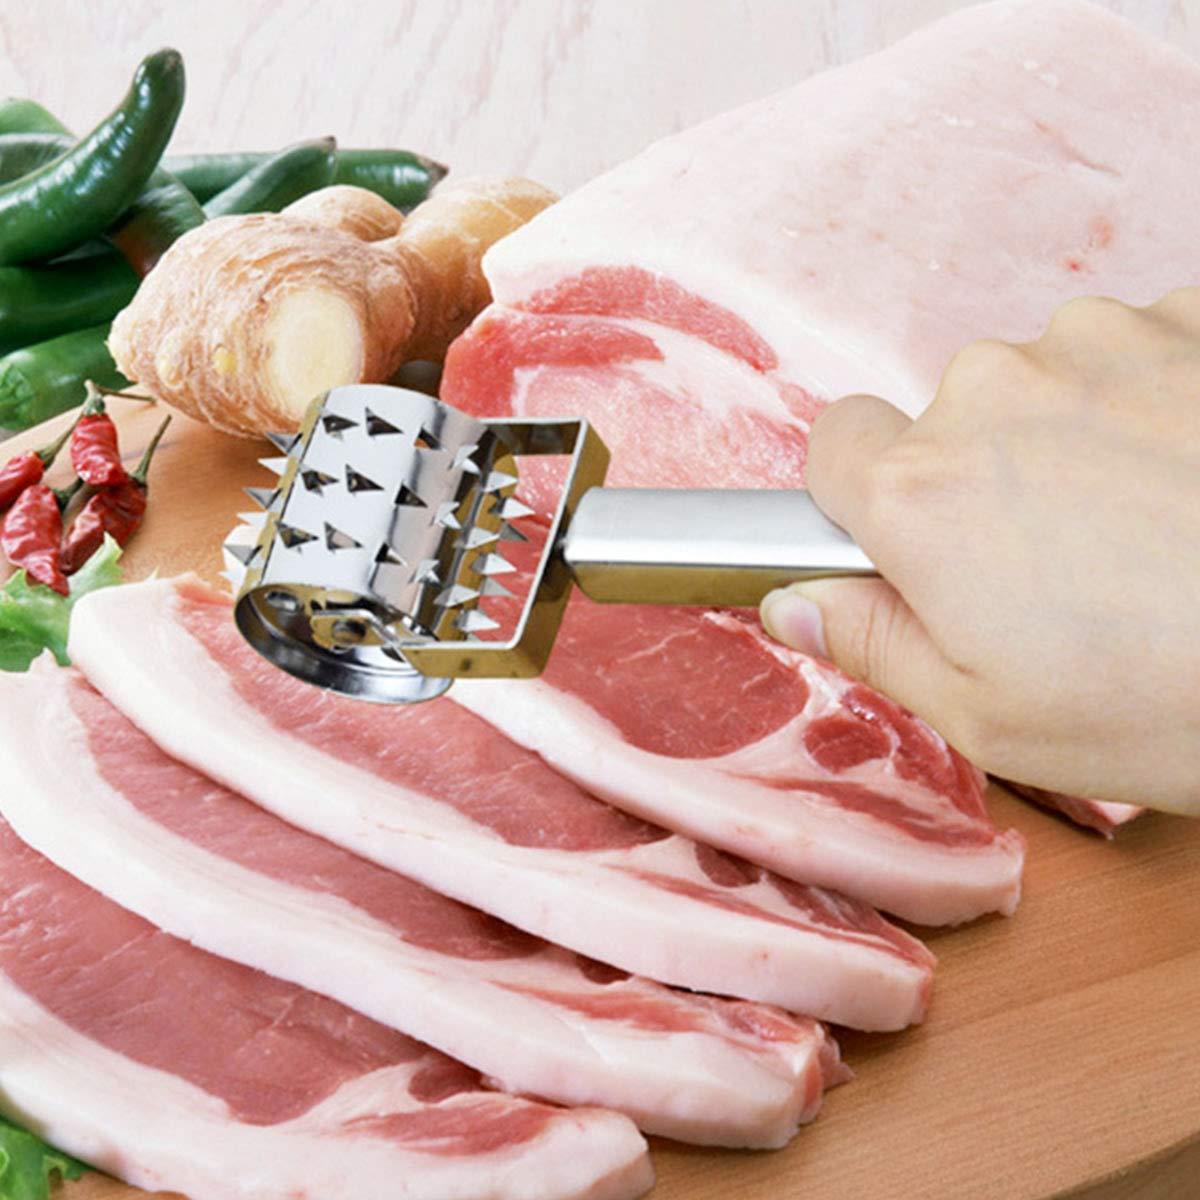 YIJIA Stainless Steel Pork Steak Chop Meat Needle Roller